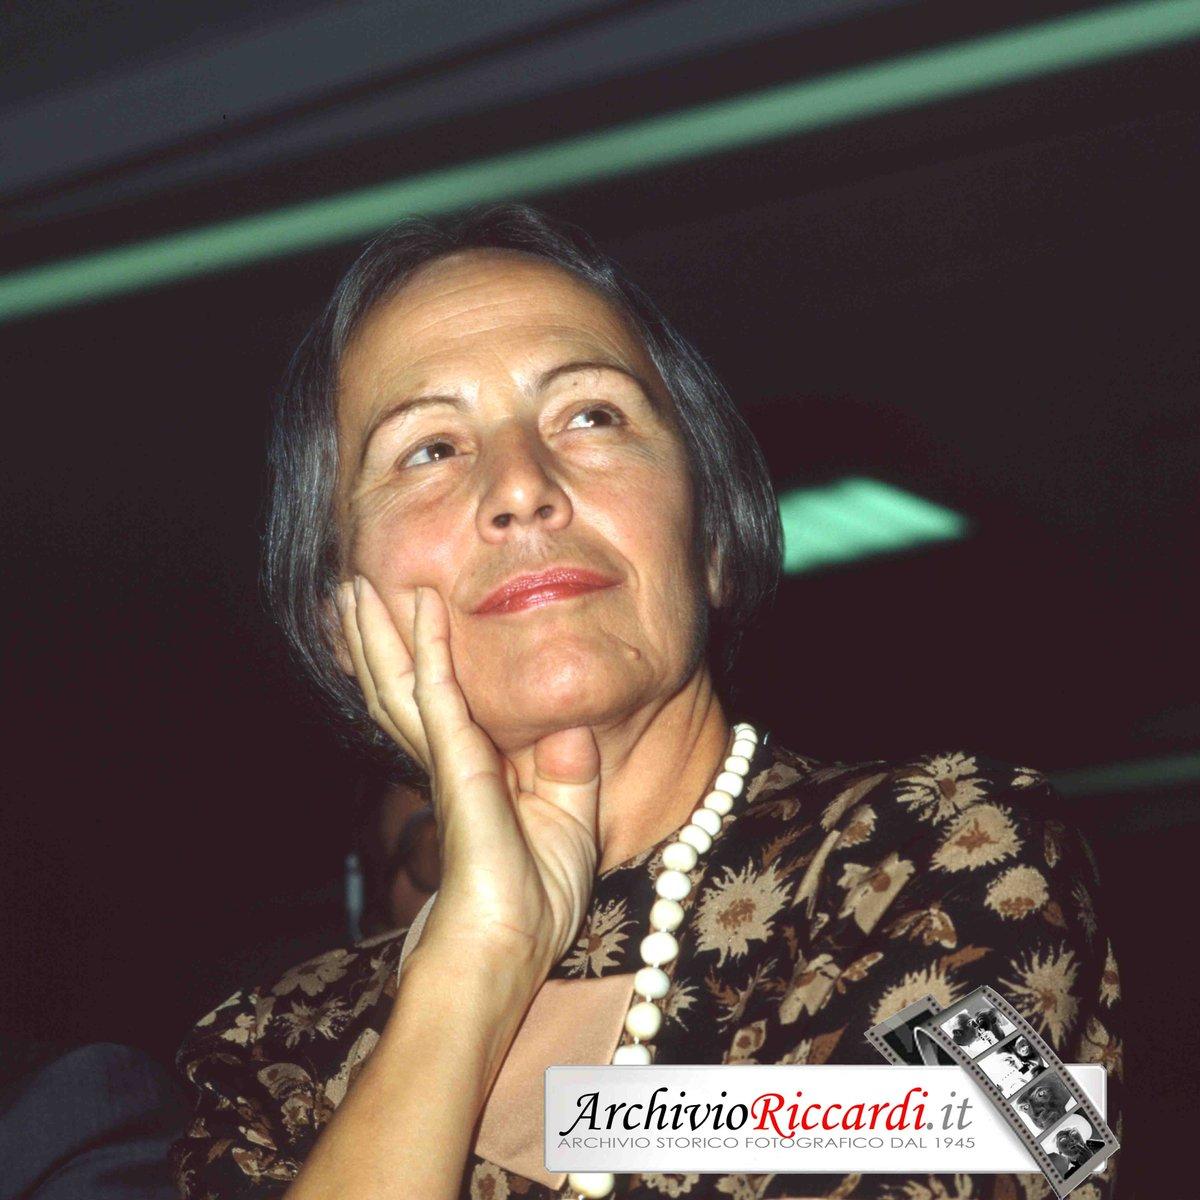 Nilde Iotti pronuncia il suo discorso di insediamento alla Camera. Era il 20 giugno 1979. Era la prima donna a rivestire questo ruolo. #donne @iotti @archivioriccardi  - Ukustom